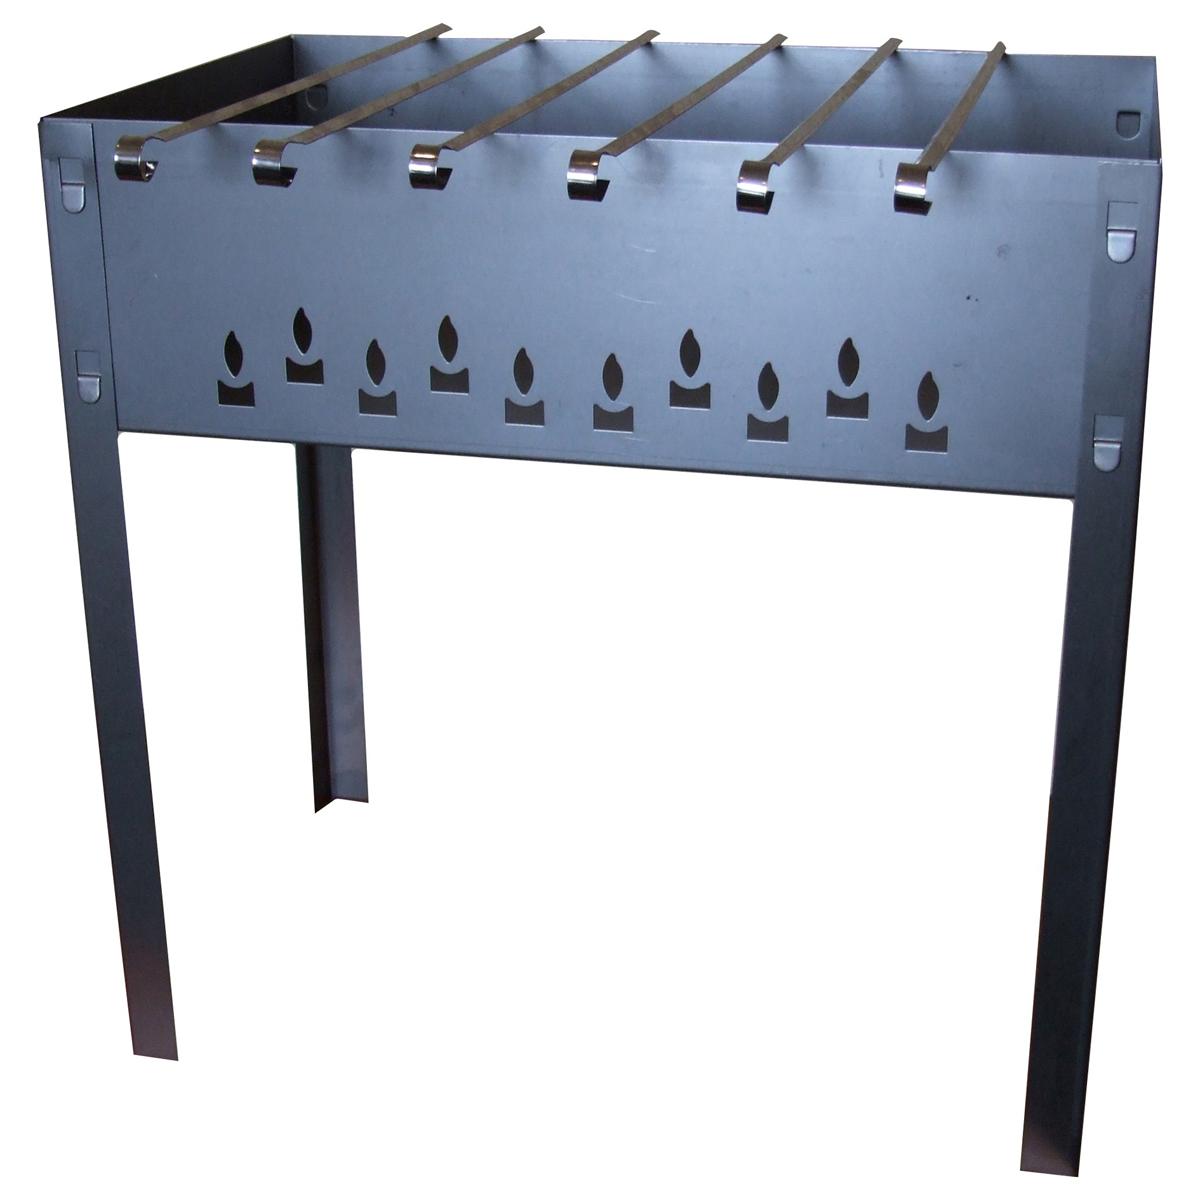 Мангал сборный Грилькофф Стандарт, 6 шампуров, 50 см х 50 см х 30 смХот ШейперсСборный переносной мангал Грилькофф Стандарт изготовлен из нержавеющей стали. Предназначен для приготовления мяса, птицы, рыбы, овощей на открытом воздухе. Мангал хорошо поддерживает жар, не требуя большого количества топлива. Простота и легкость конструкции мангала обеспечивают его быструю сборку и длительную эксплуатацию. В разобранном виде мангал очень компактен, благодаря чему он не занимает много места, например, в багажнике автомобиля. В комплекте с мангалом 6 шампуров. Размер мангала: 50 см х 50 см х 30 см.